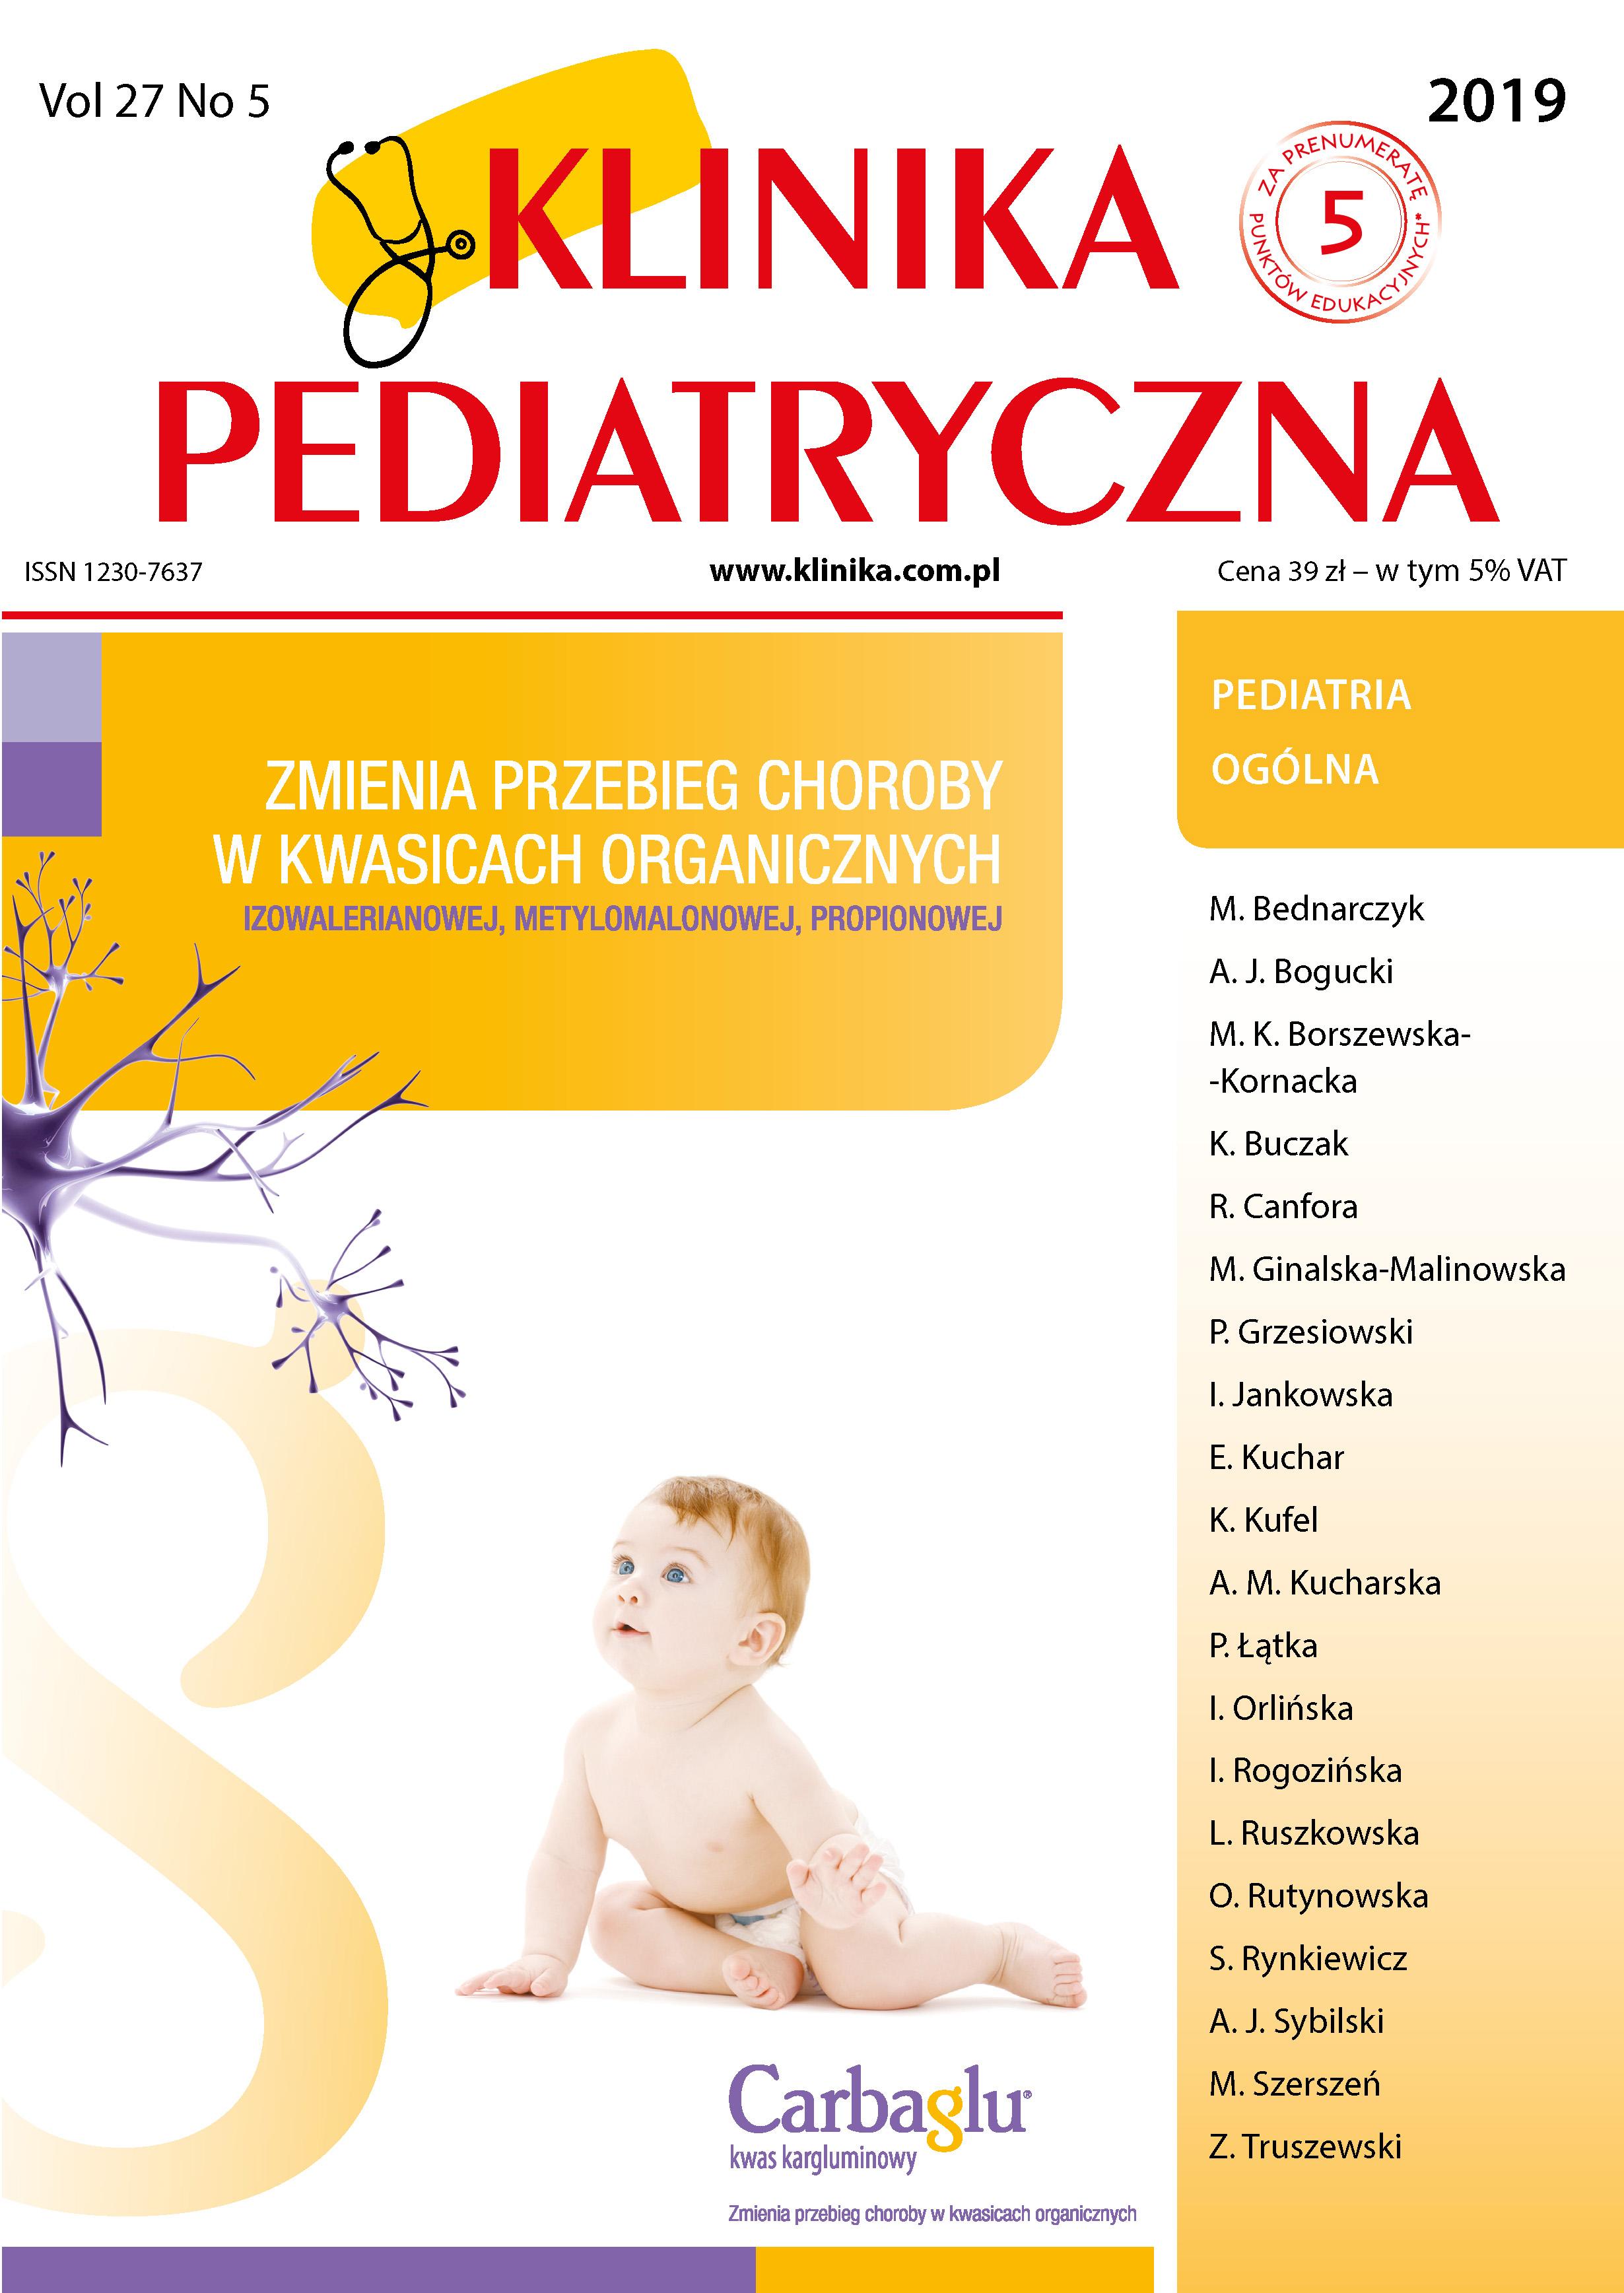 KP 5/2019 Pediatria Ogólna